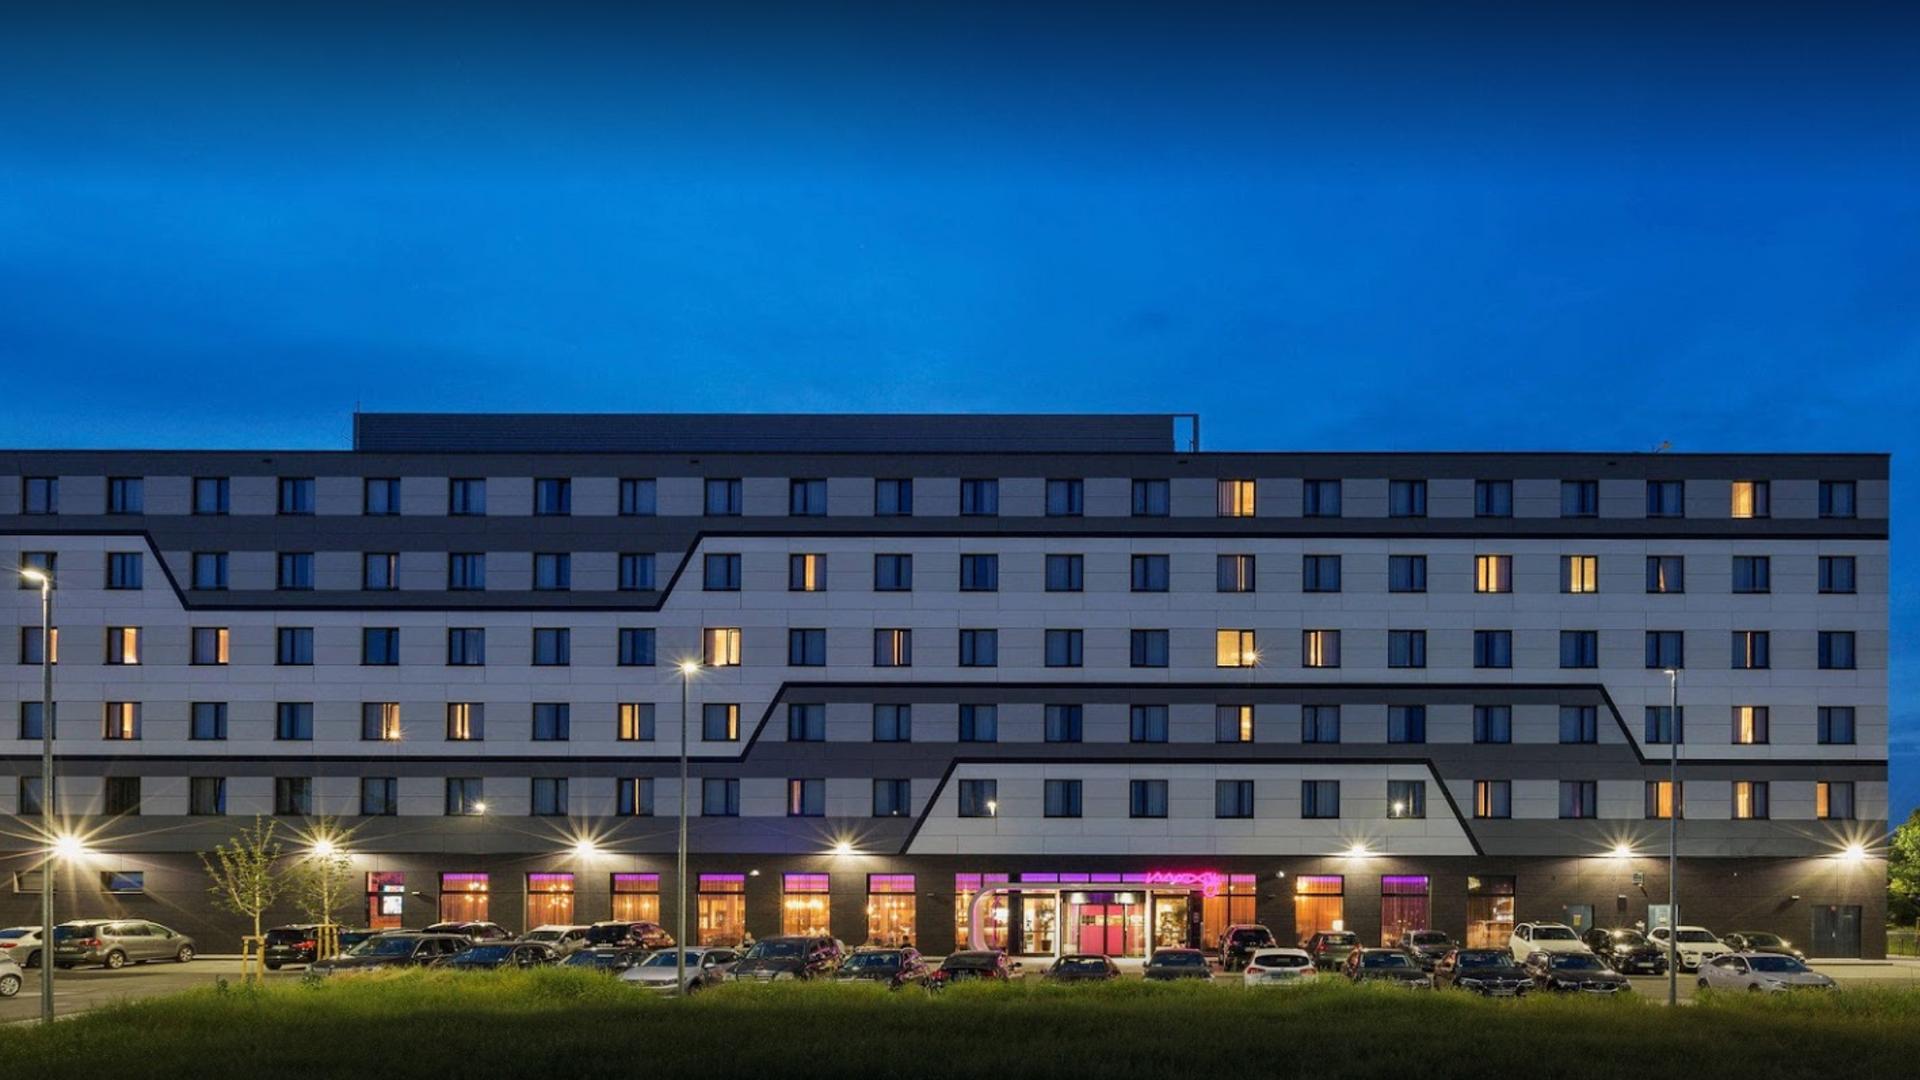 Neubau Moxy Hotel 130 Zimmer in 65451 Kelsterbach